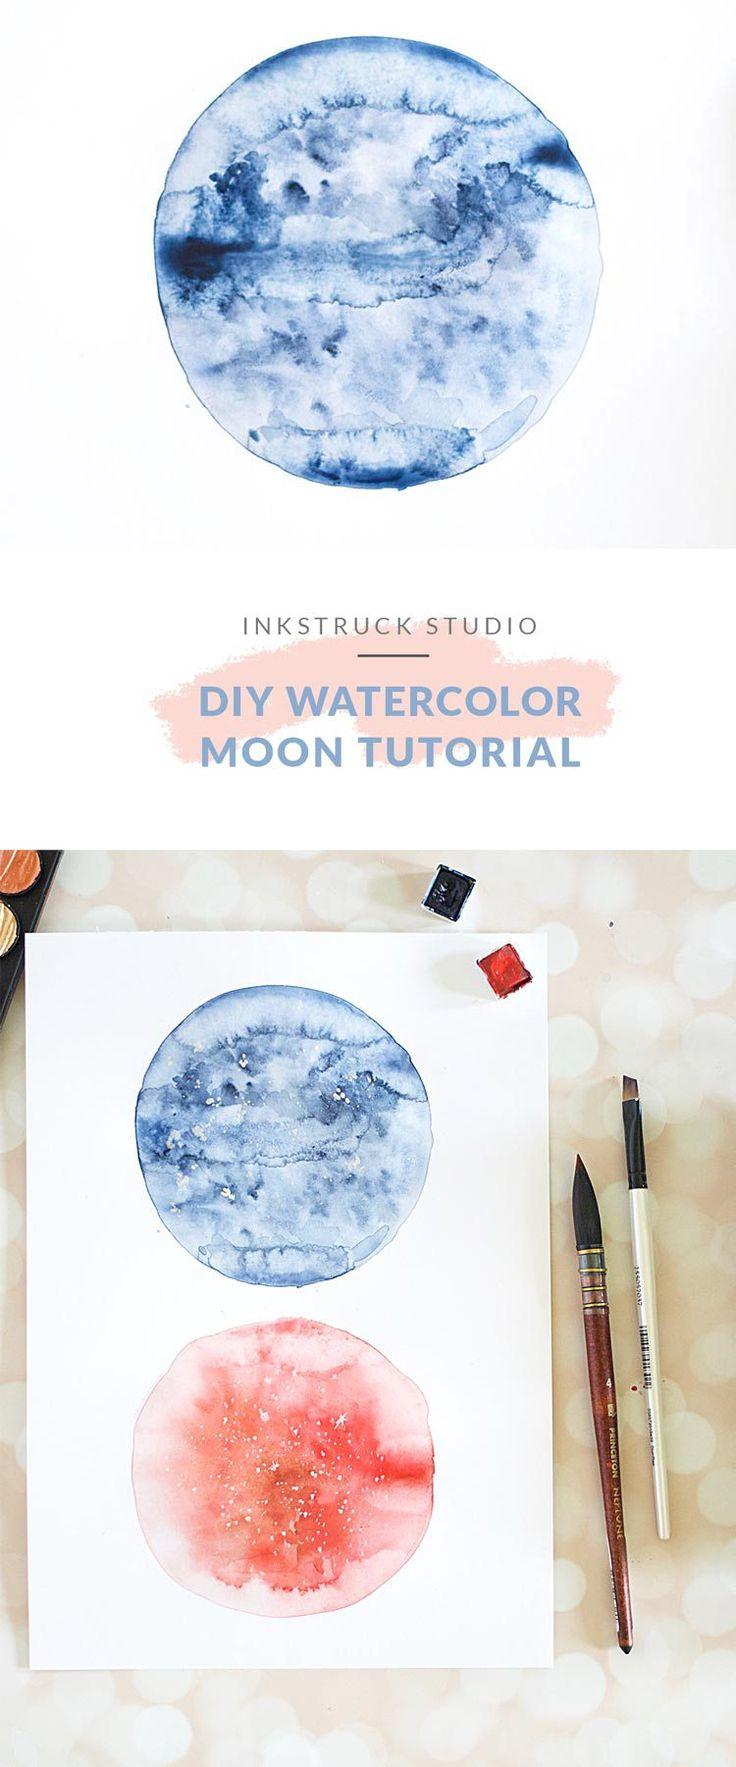 DIY watercolor moon - Inkstruck Studio